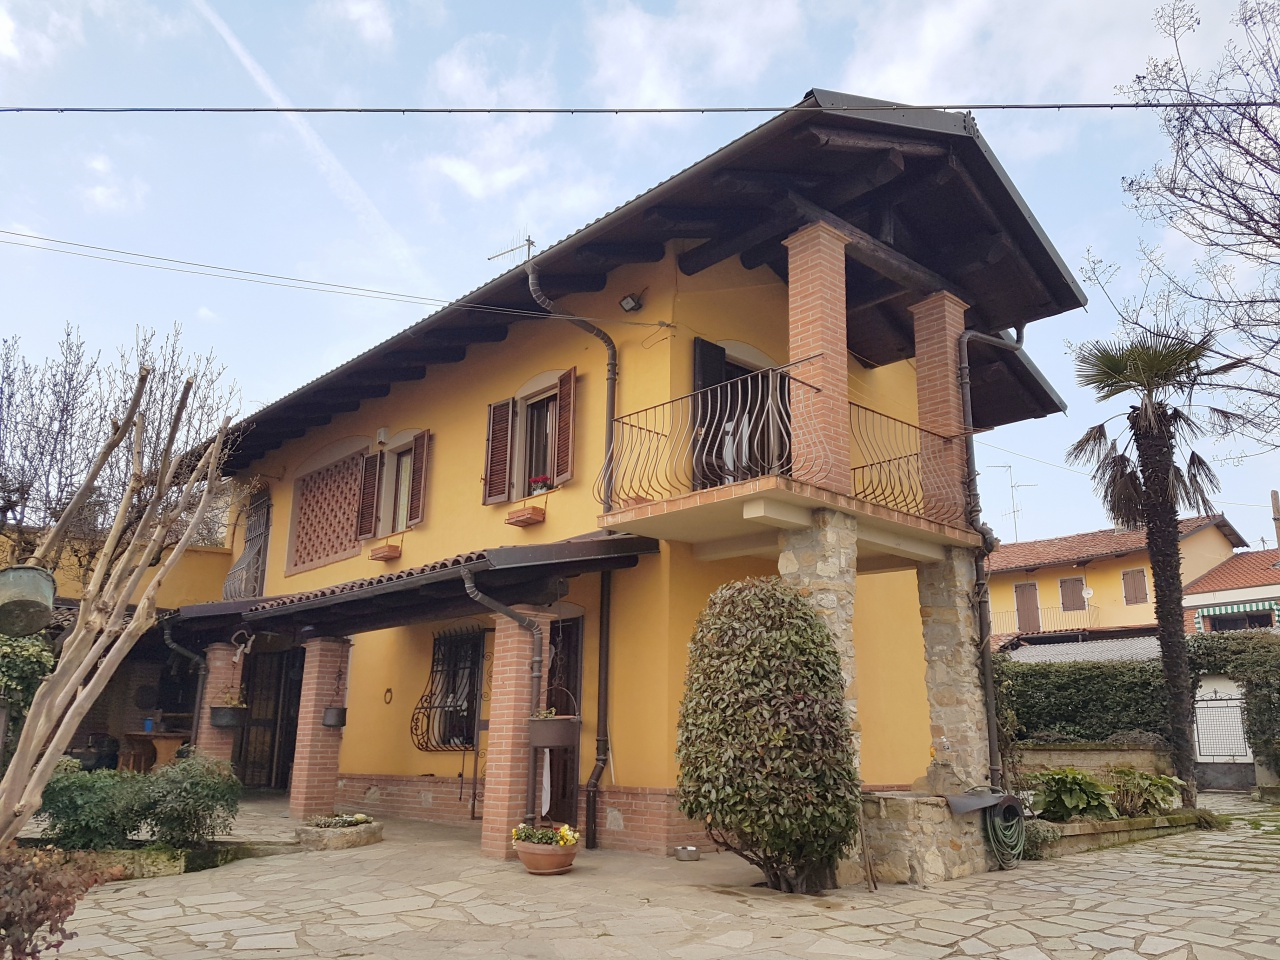 Soluzione Indipendente in vendita a Verrua Savoia, 4 locali, prezzo € 185.000 | PortaleAgenzieImmobiliari.it